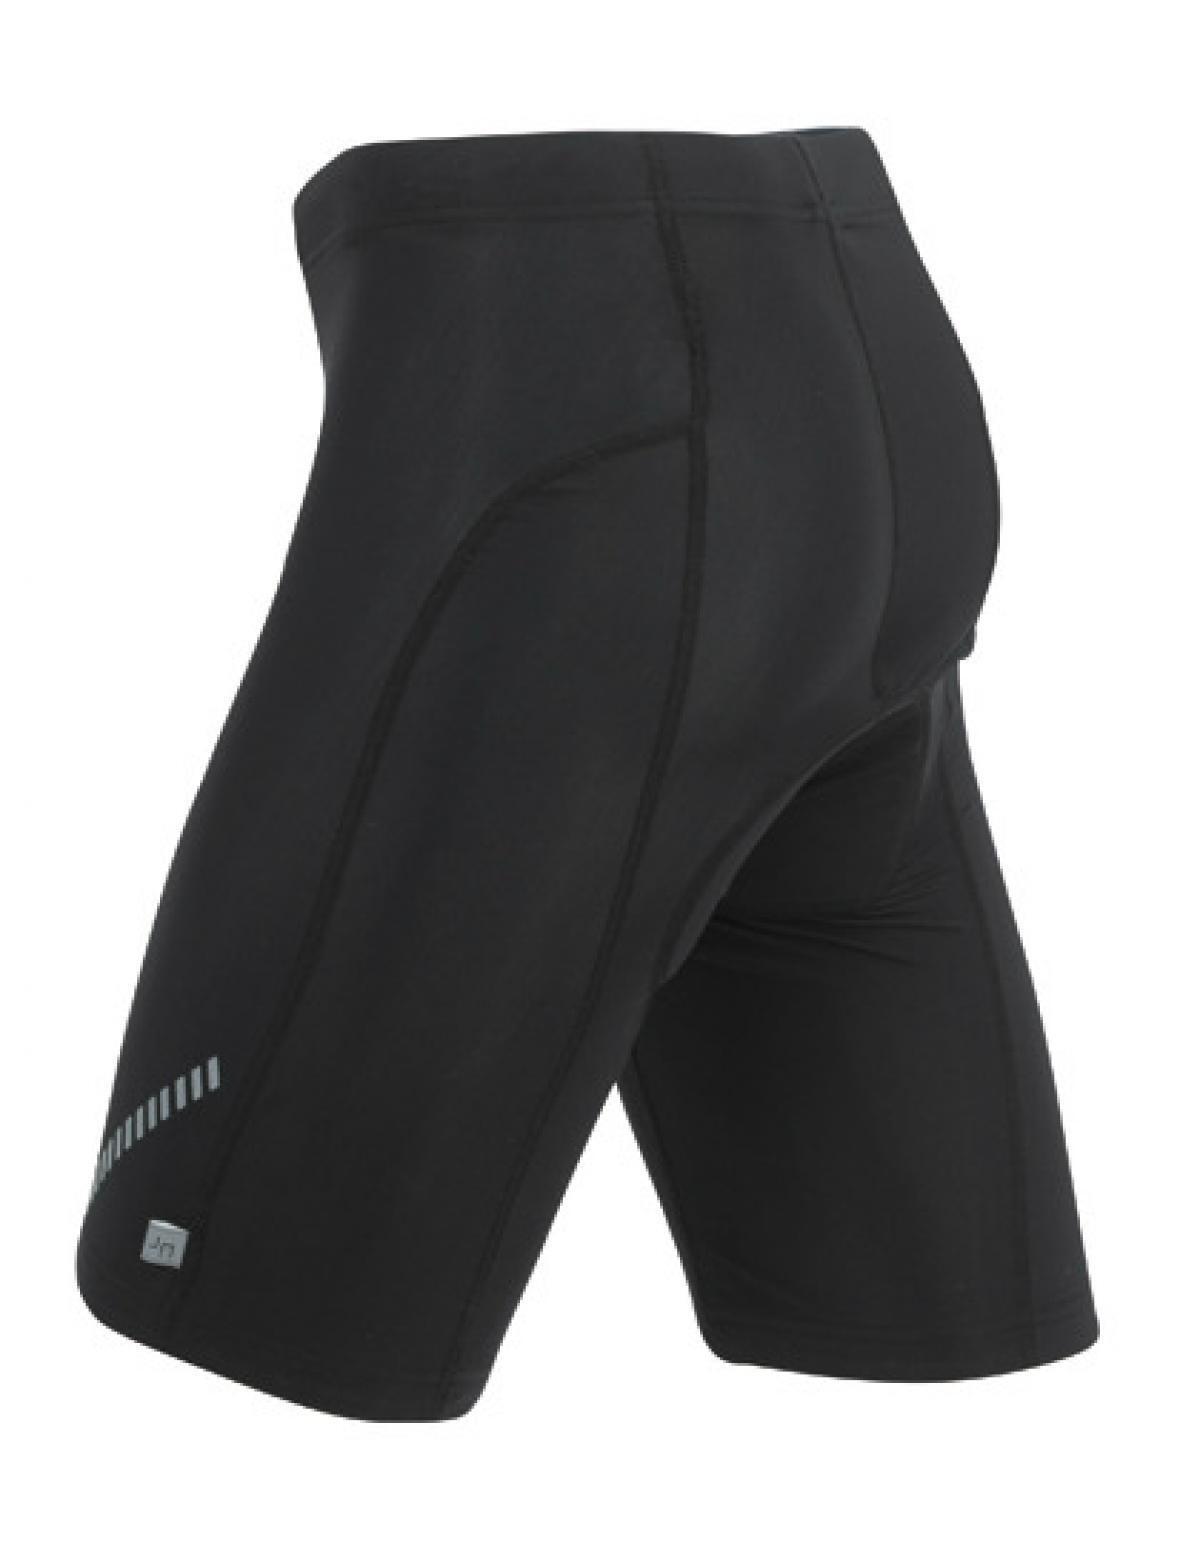 Bike Short Tights   kurze Hose für Fahrradfahrer   James+Nicholson